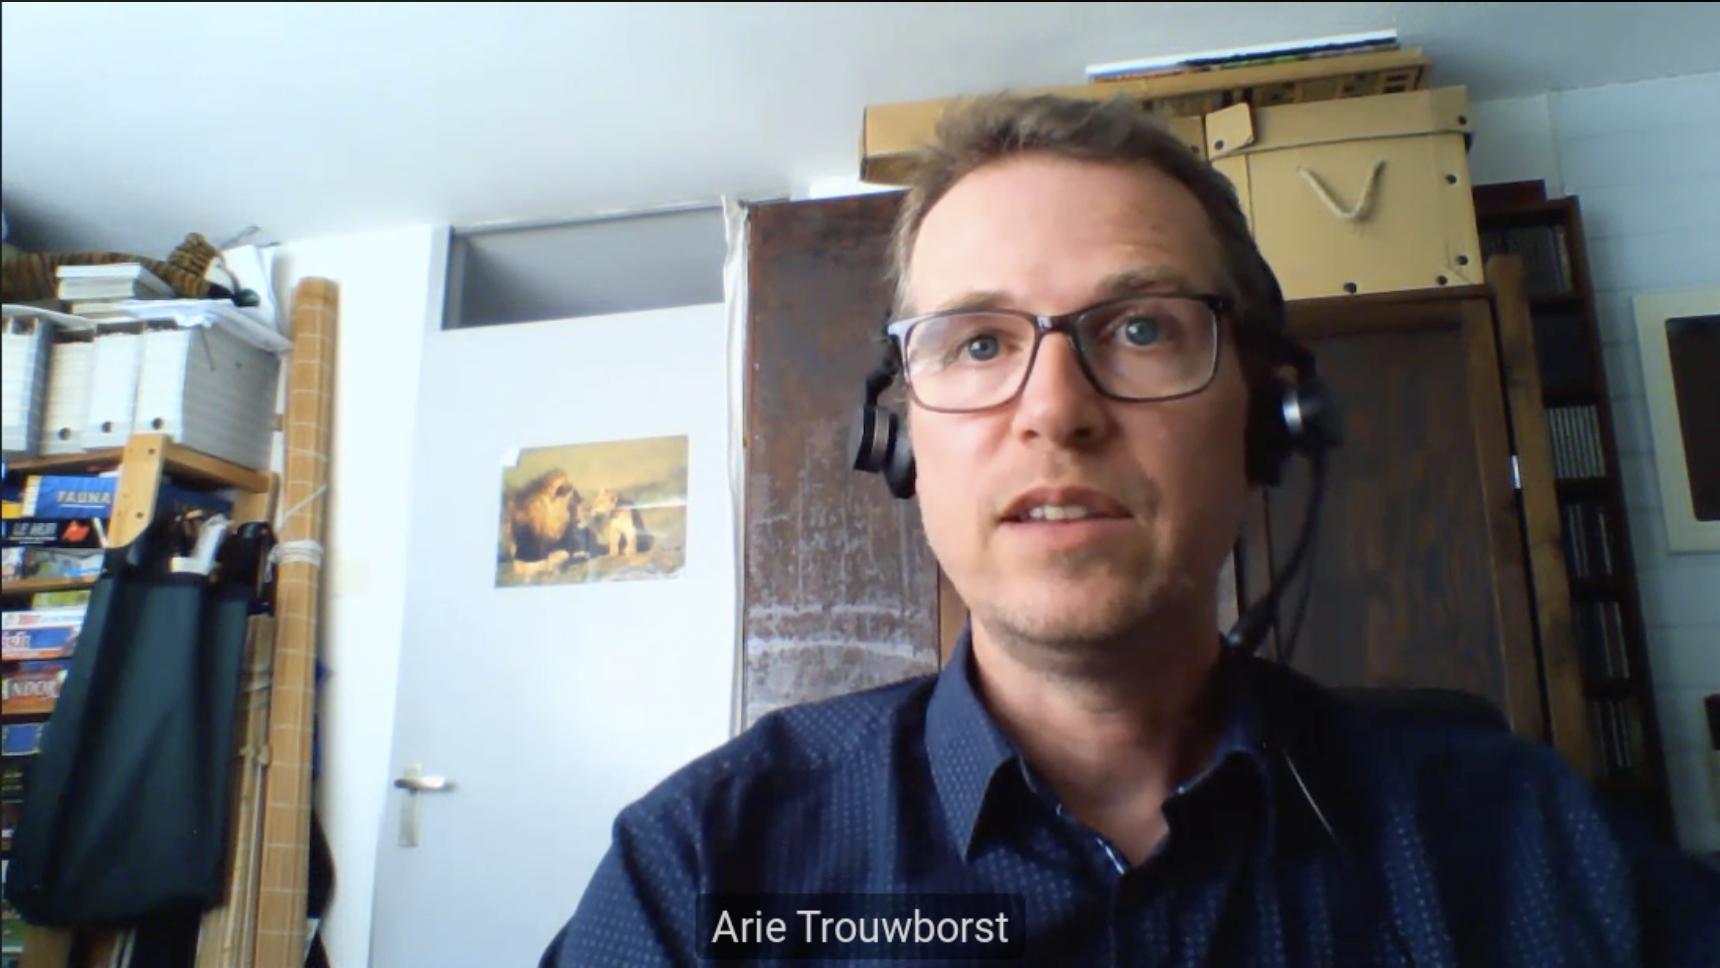 Arie Trowborst, forsker på bevaringspolitikk- og juss, som vitnet for NOAH.